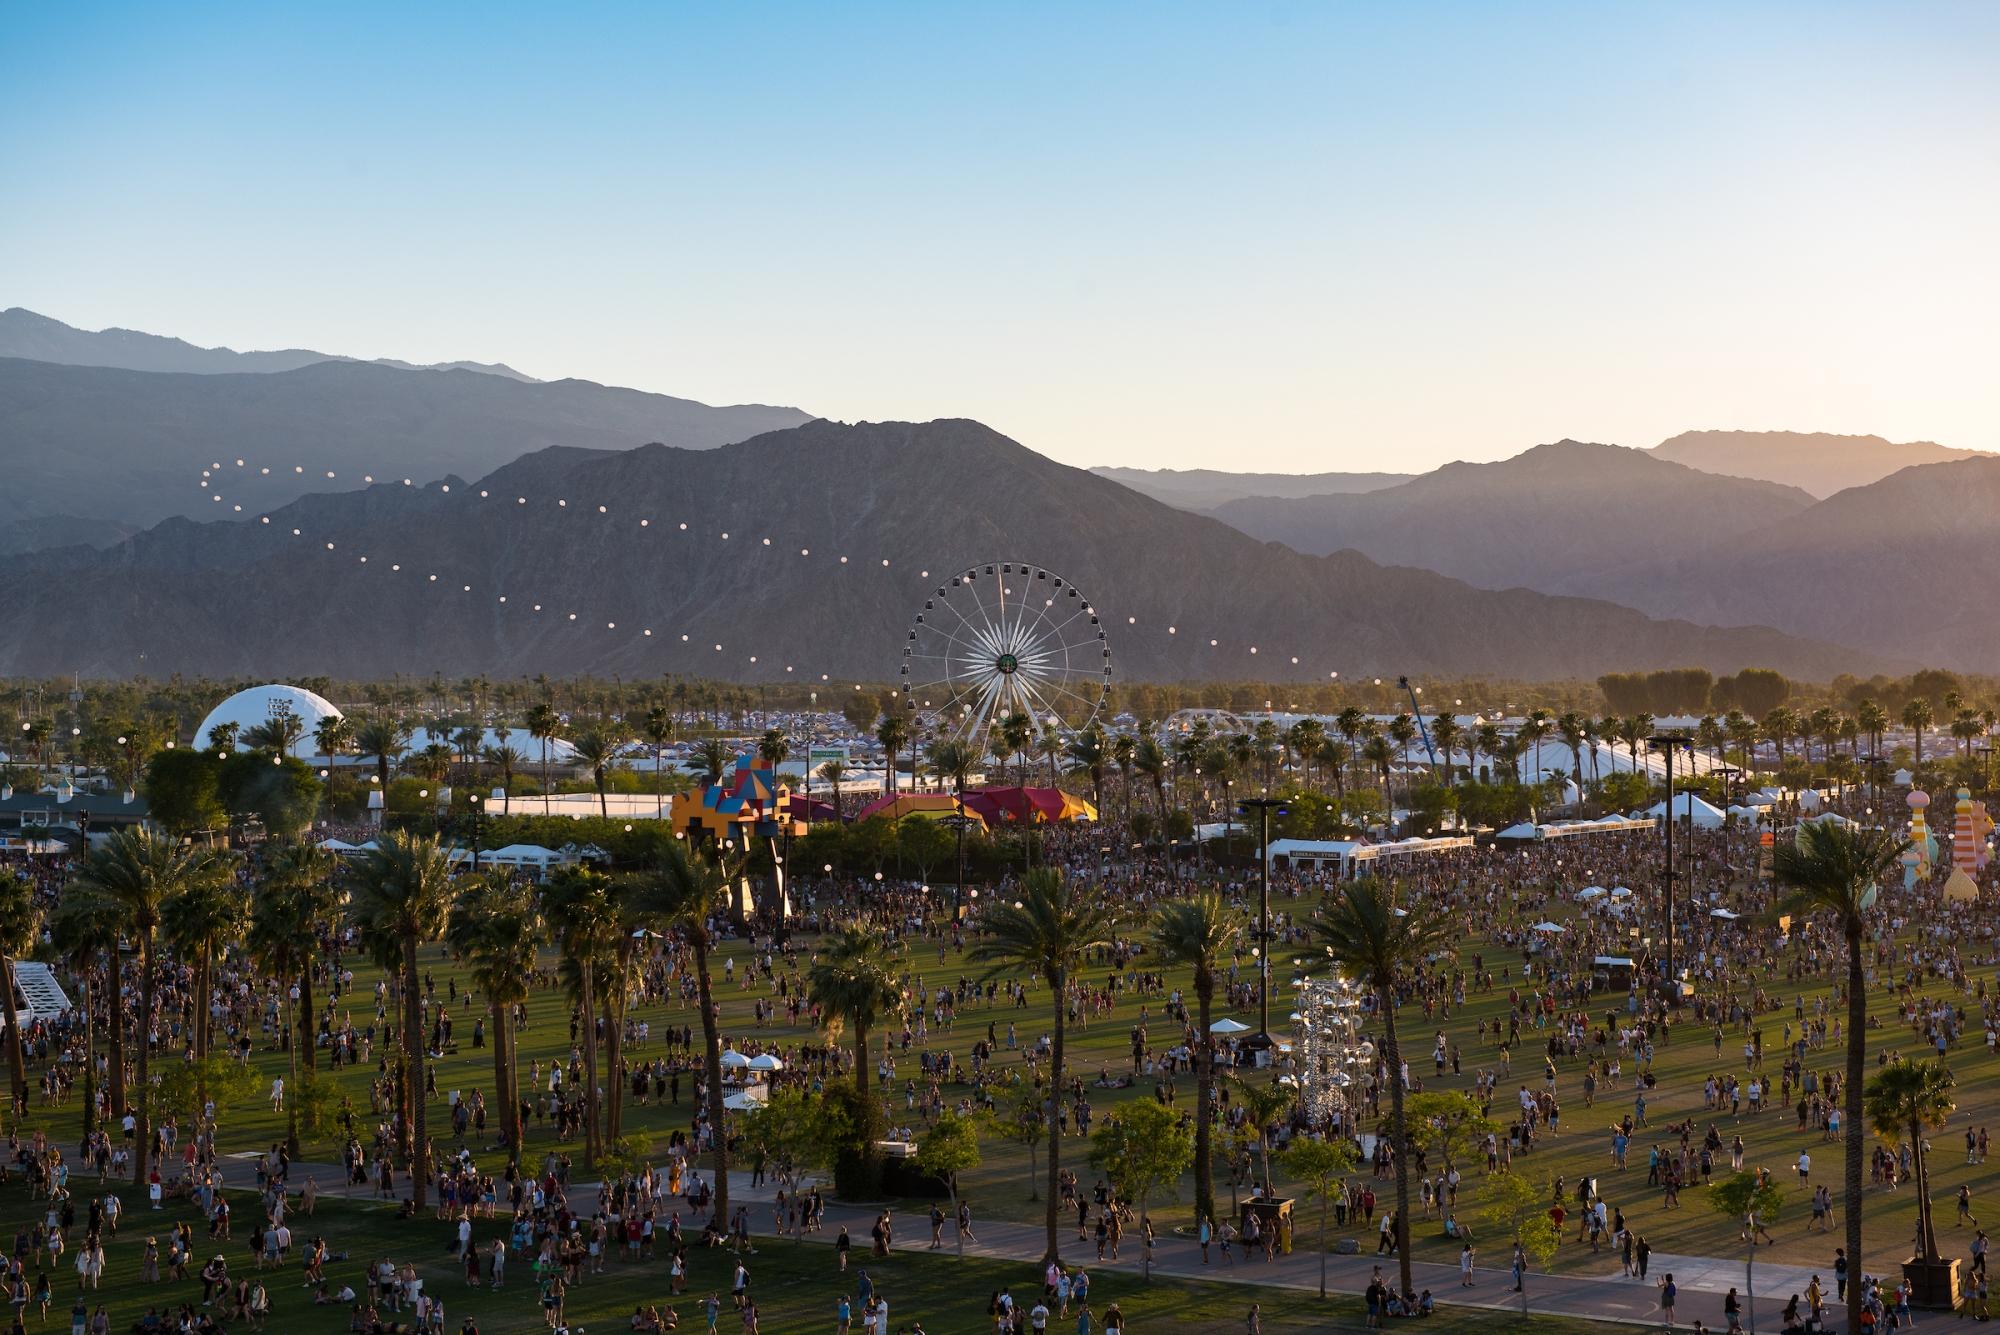 Christine & The Queens, Charlotte Gainsbourg et Jain à l'affiche du Festival Coachella !